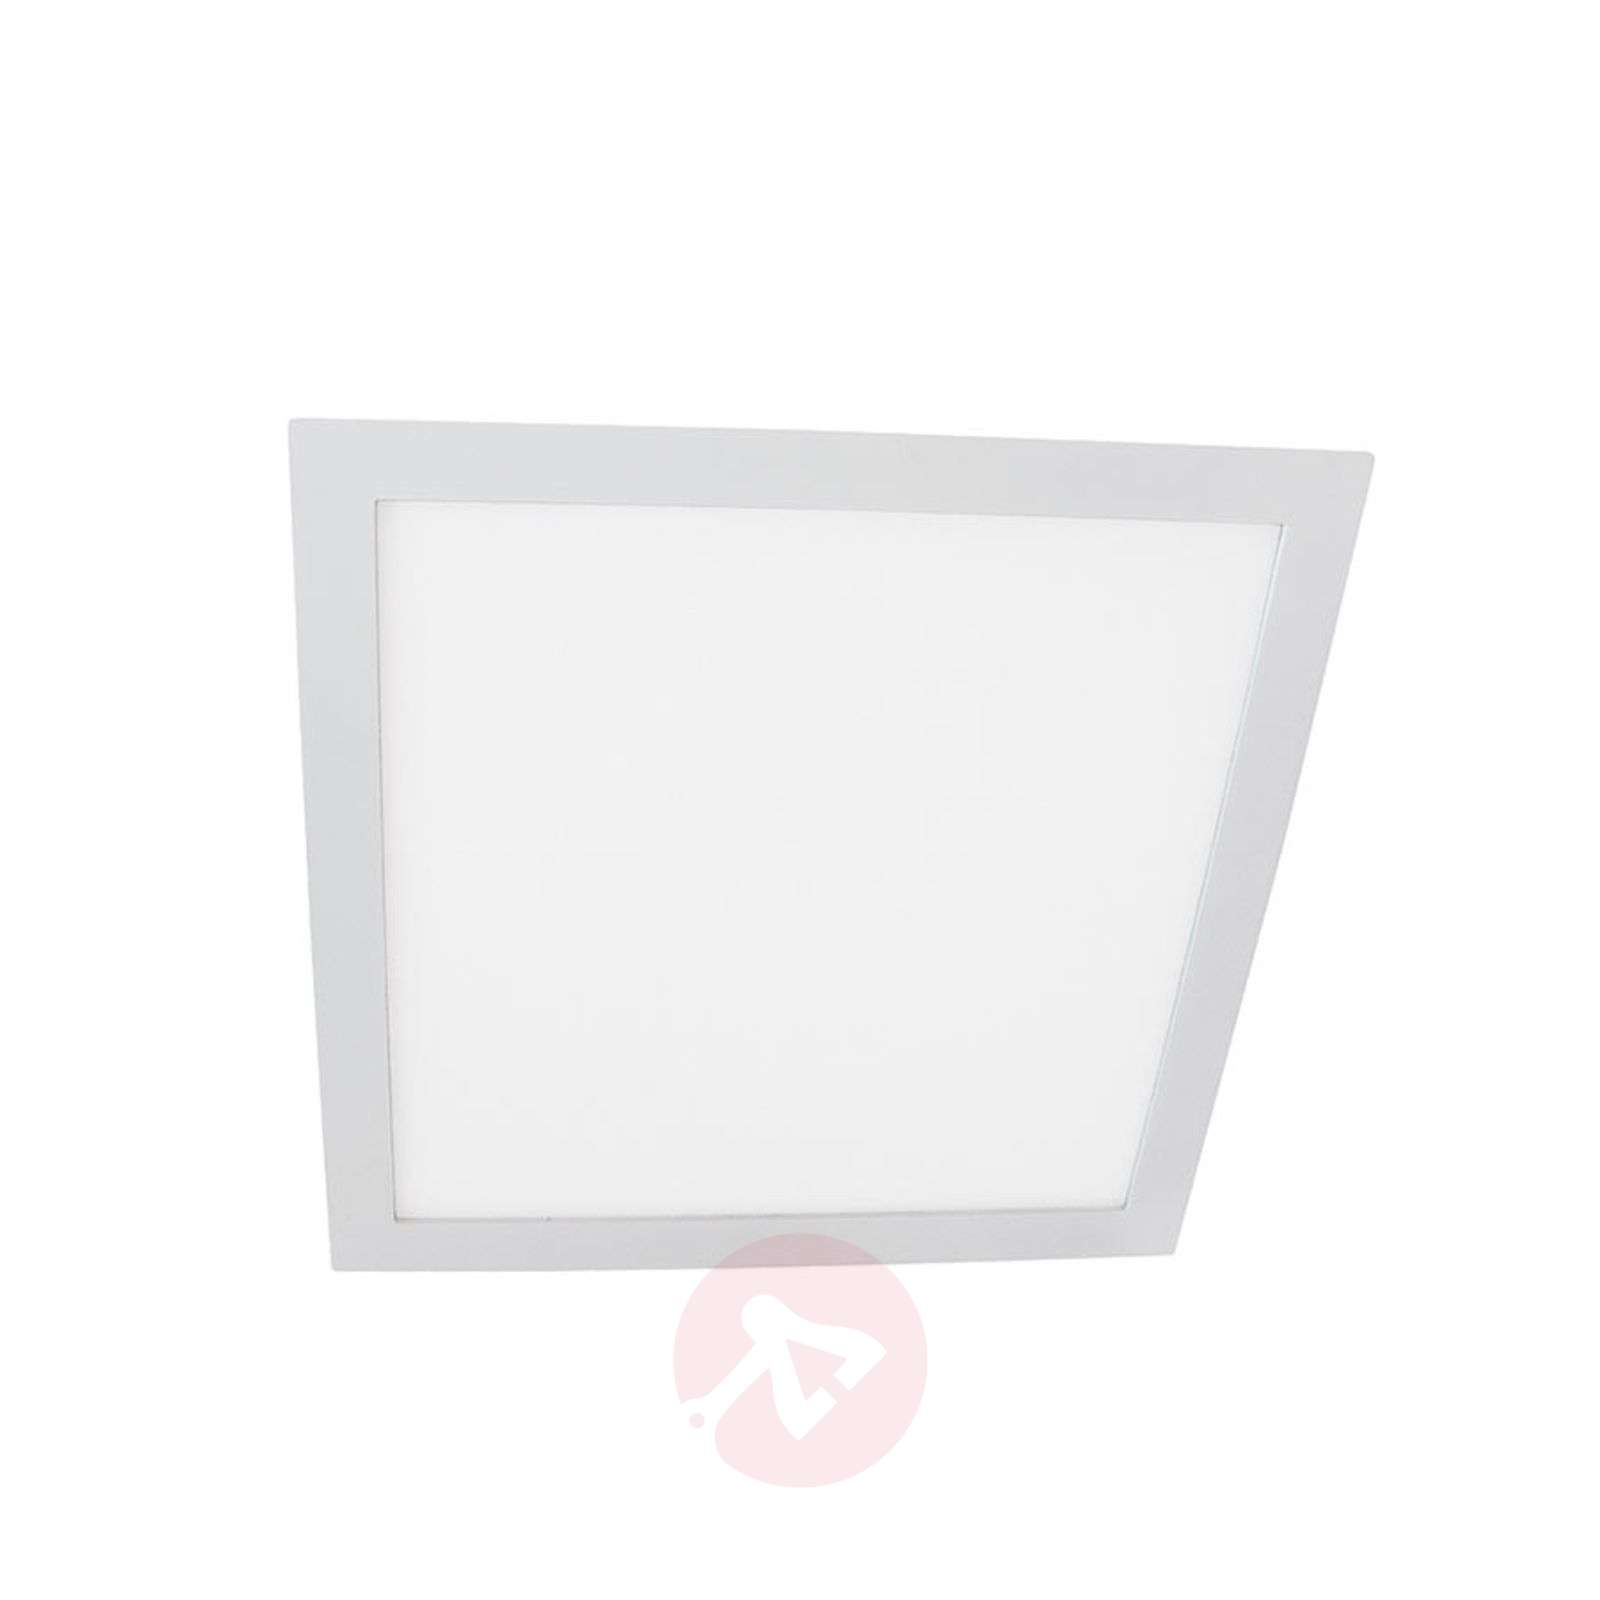 LED-uppovalaisin Moon Square 6W-6523750X-01